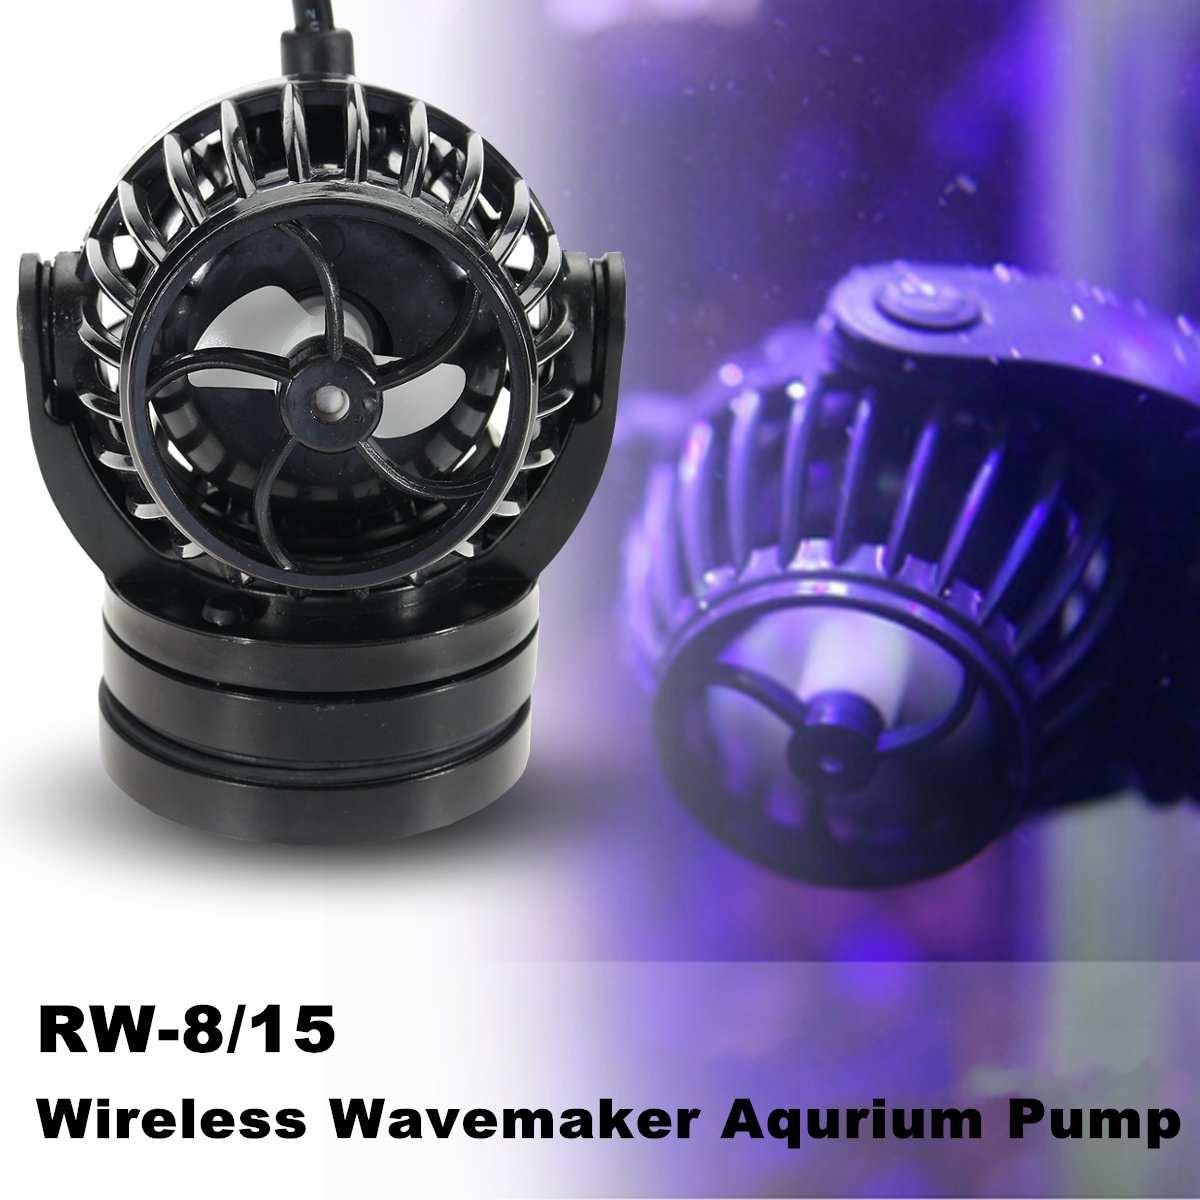 110-240 V RW15/RW8 Programlanabilir Kablosuz Dalga Maker Akvaryum Pompa Dalga Yapma Pompa110-240 V RW15/RW8 Programlanabilir Kablosuz Dalga Maker Akvaryum Pompa Dalga Yapma Pompa